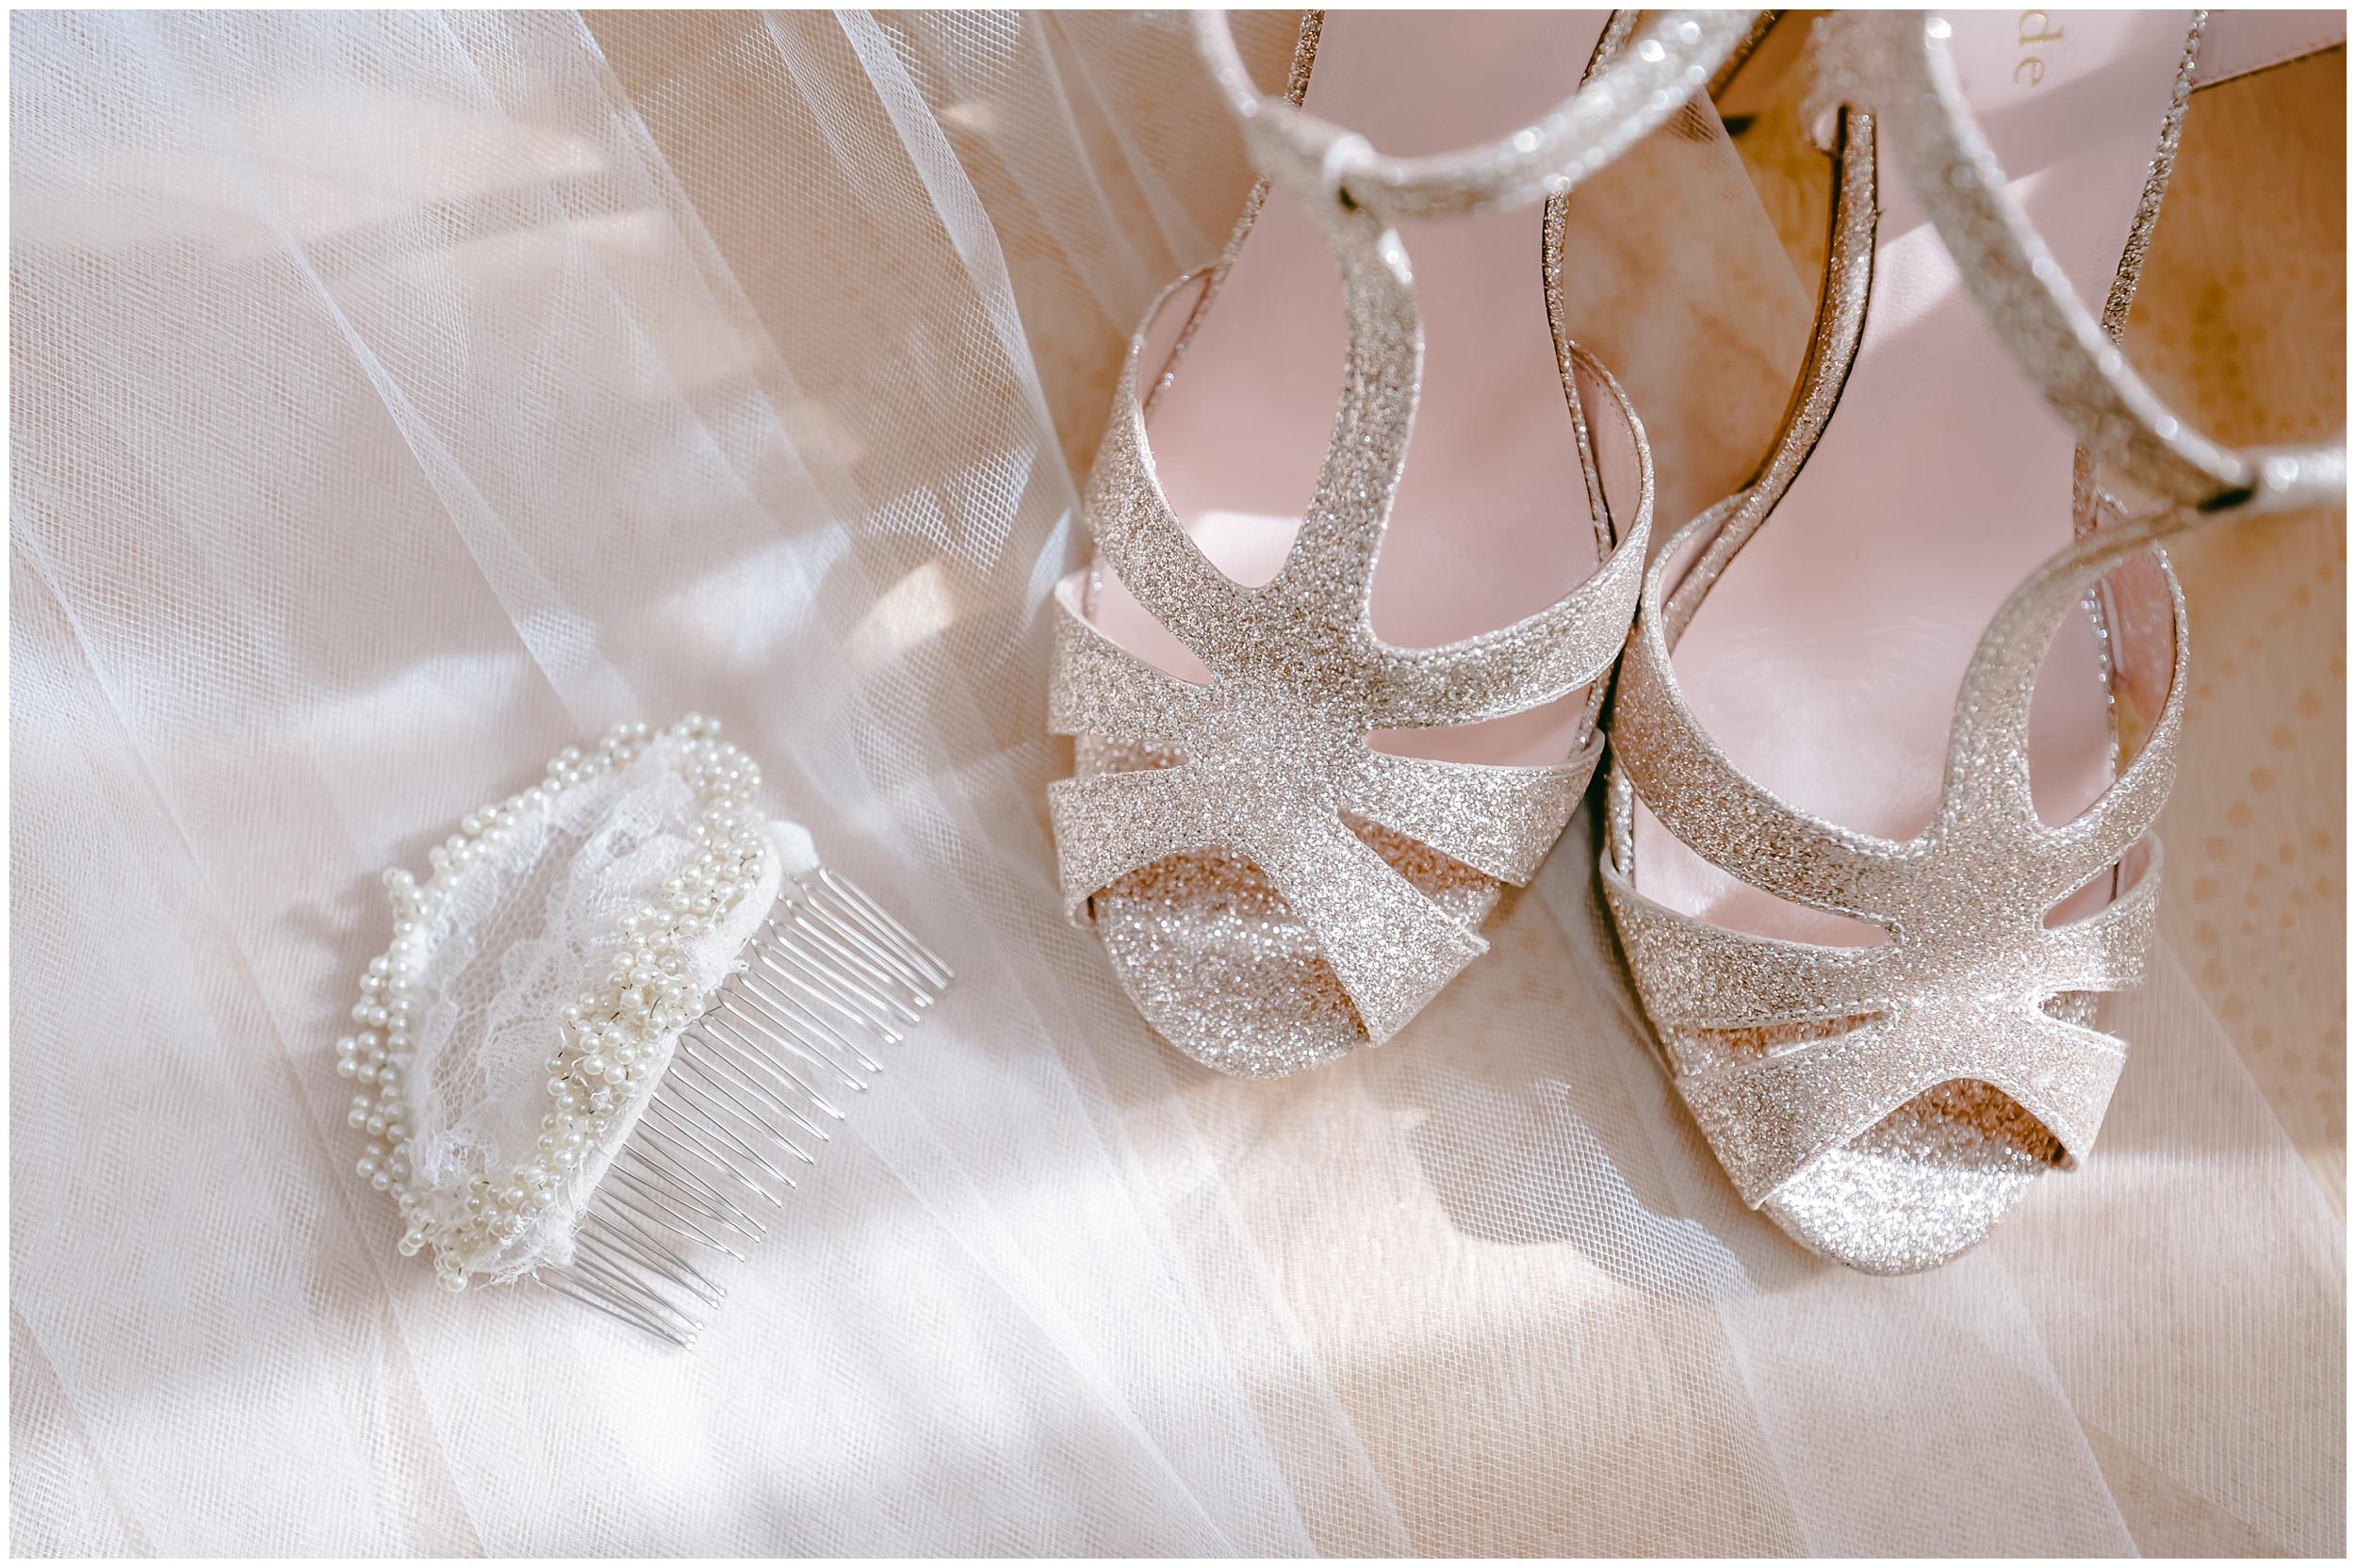 wedding-shoes-getting-dressed-washington-dc-photographer